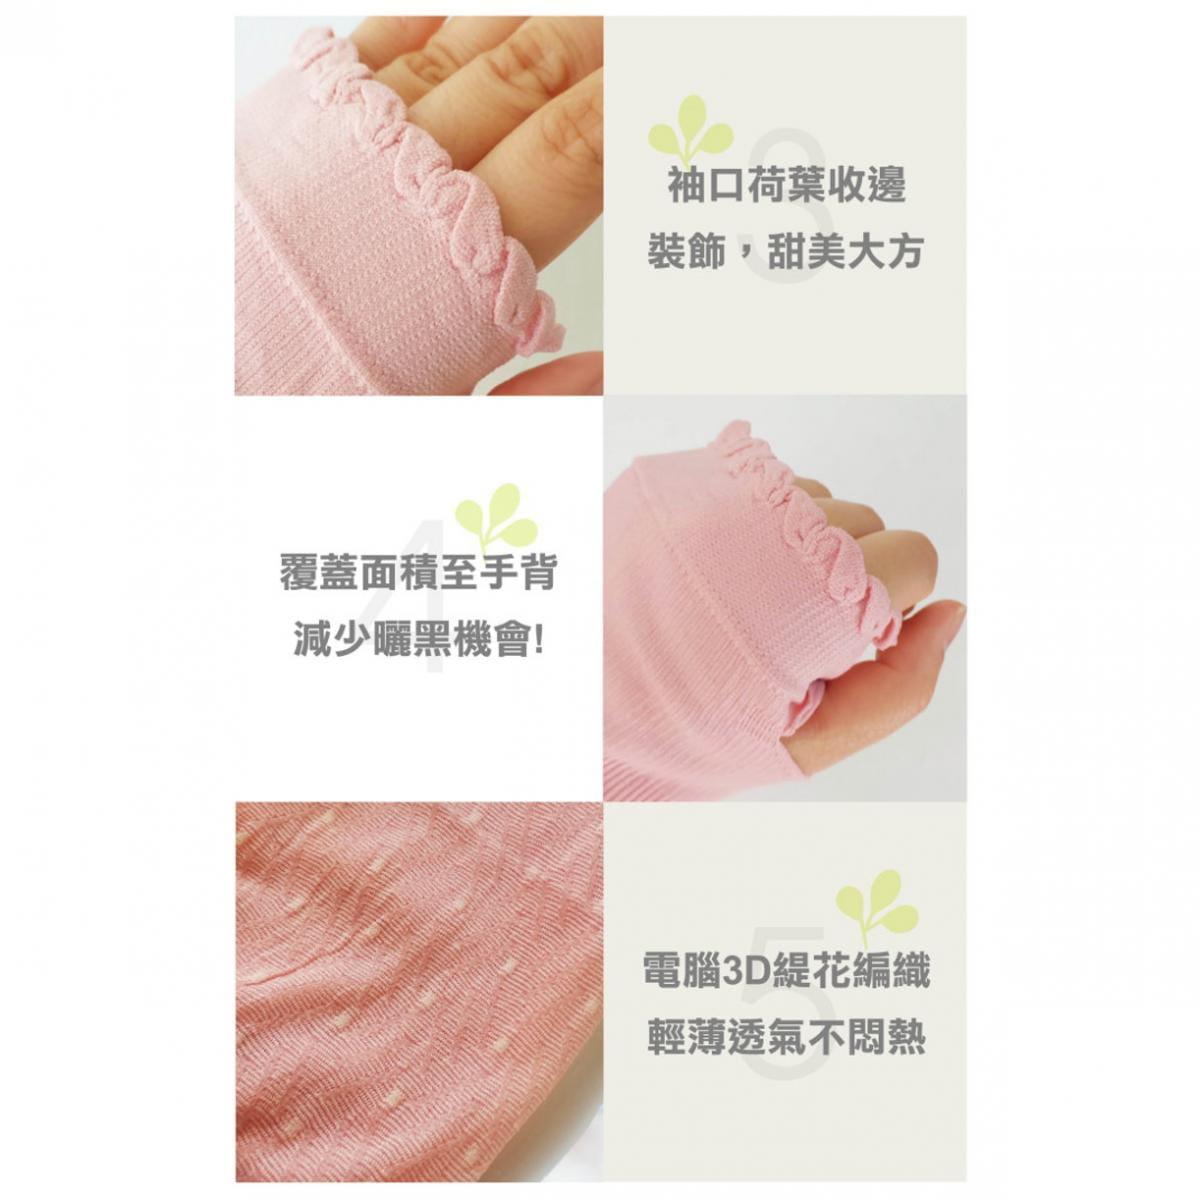 防蚊抗UV涼感袖套(送酷涼帽) 6